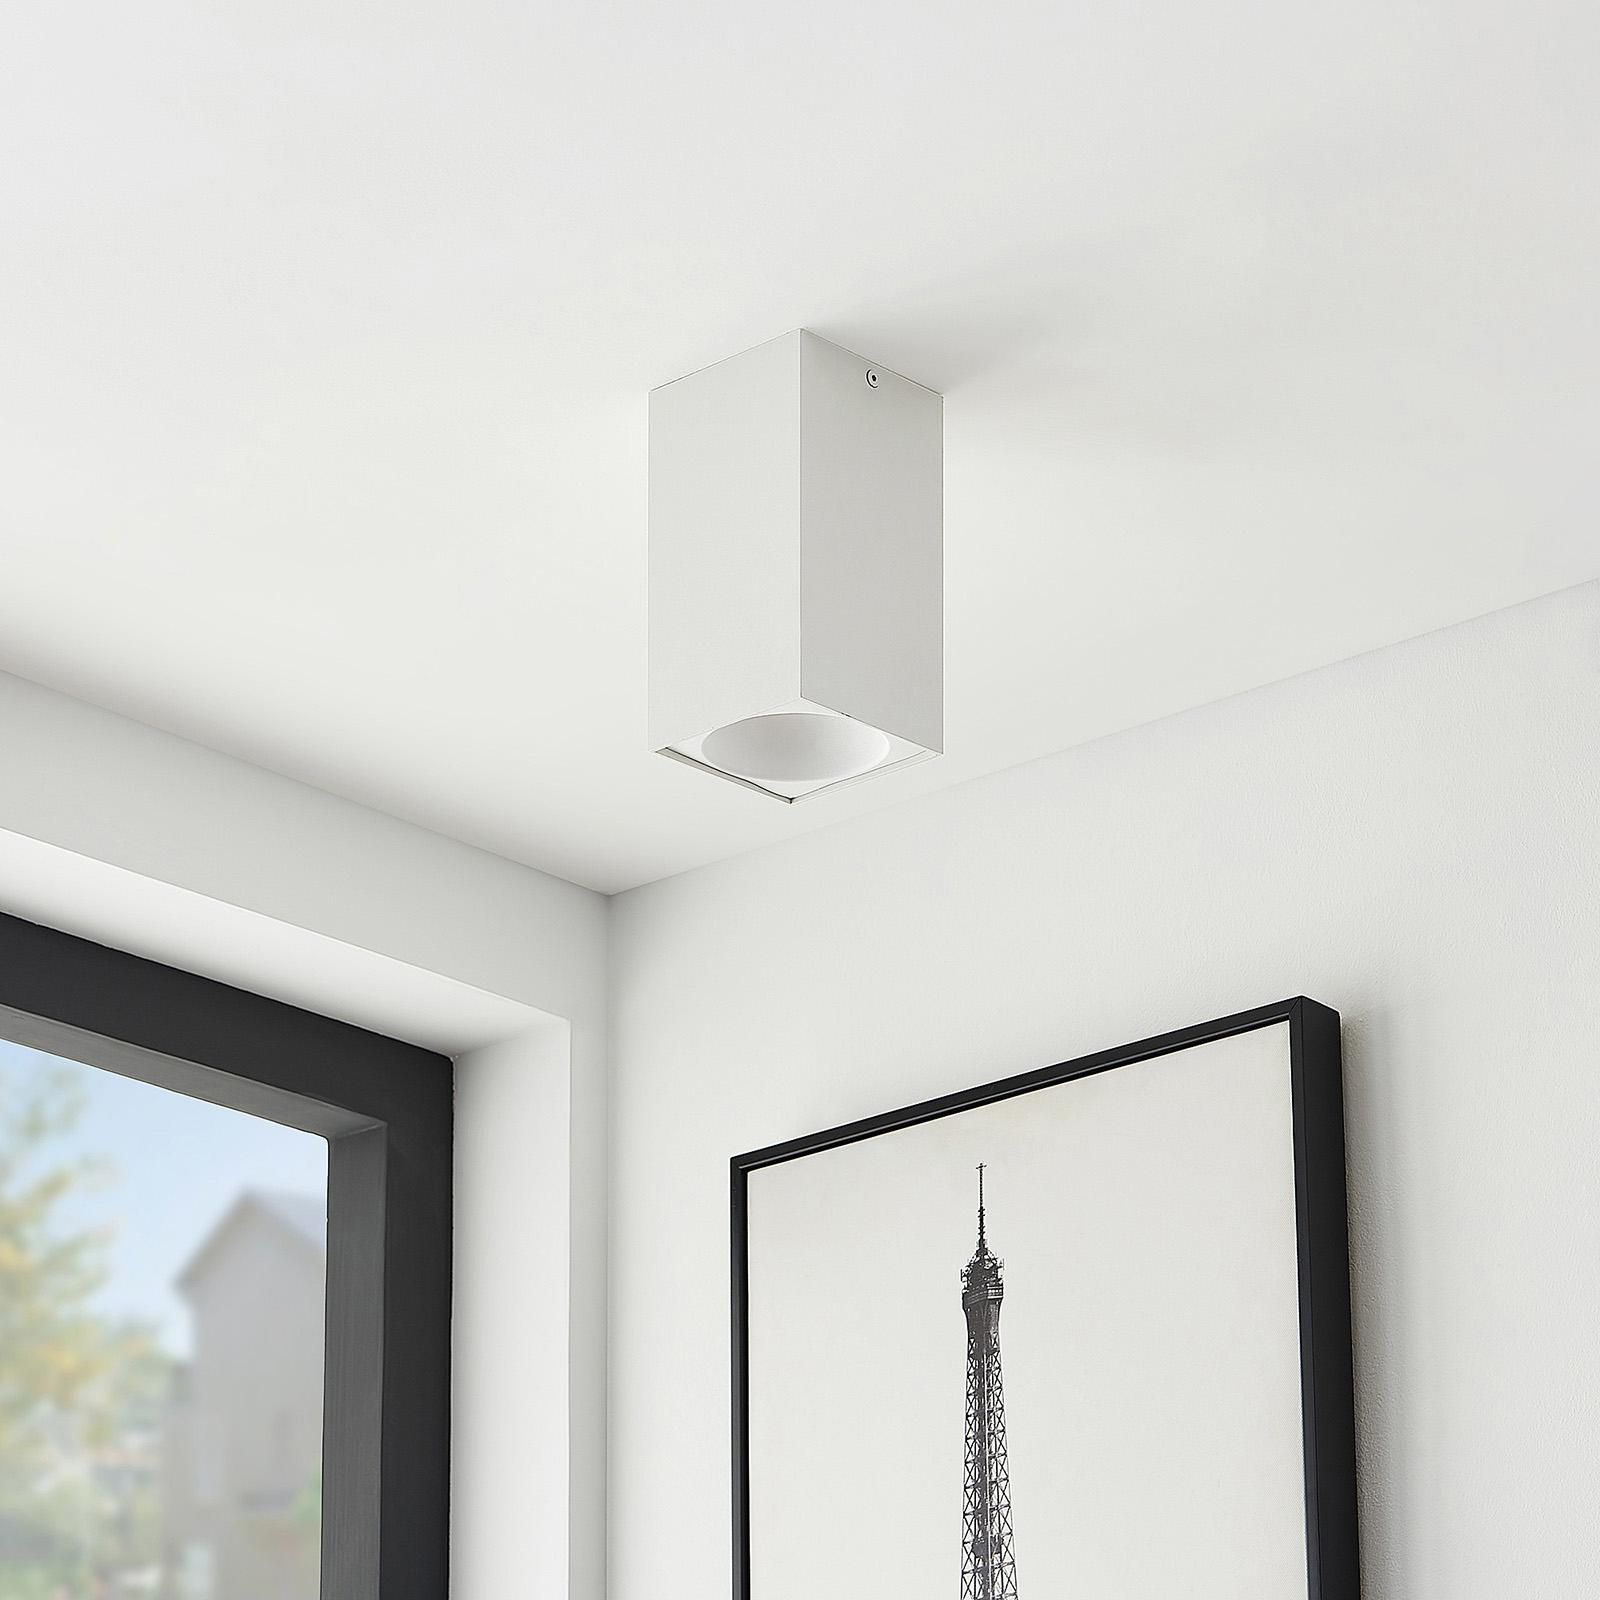 Arcchio Hinka lampa sufitowa, kątowa 18 cm, biała